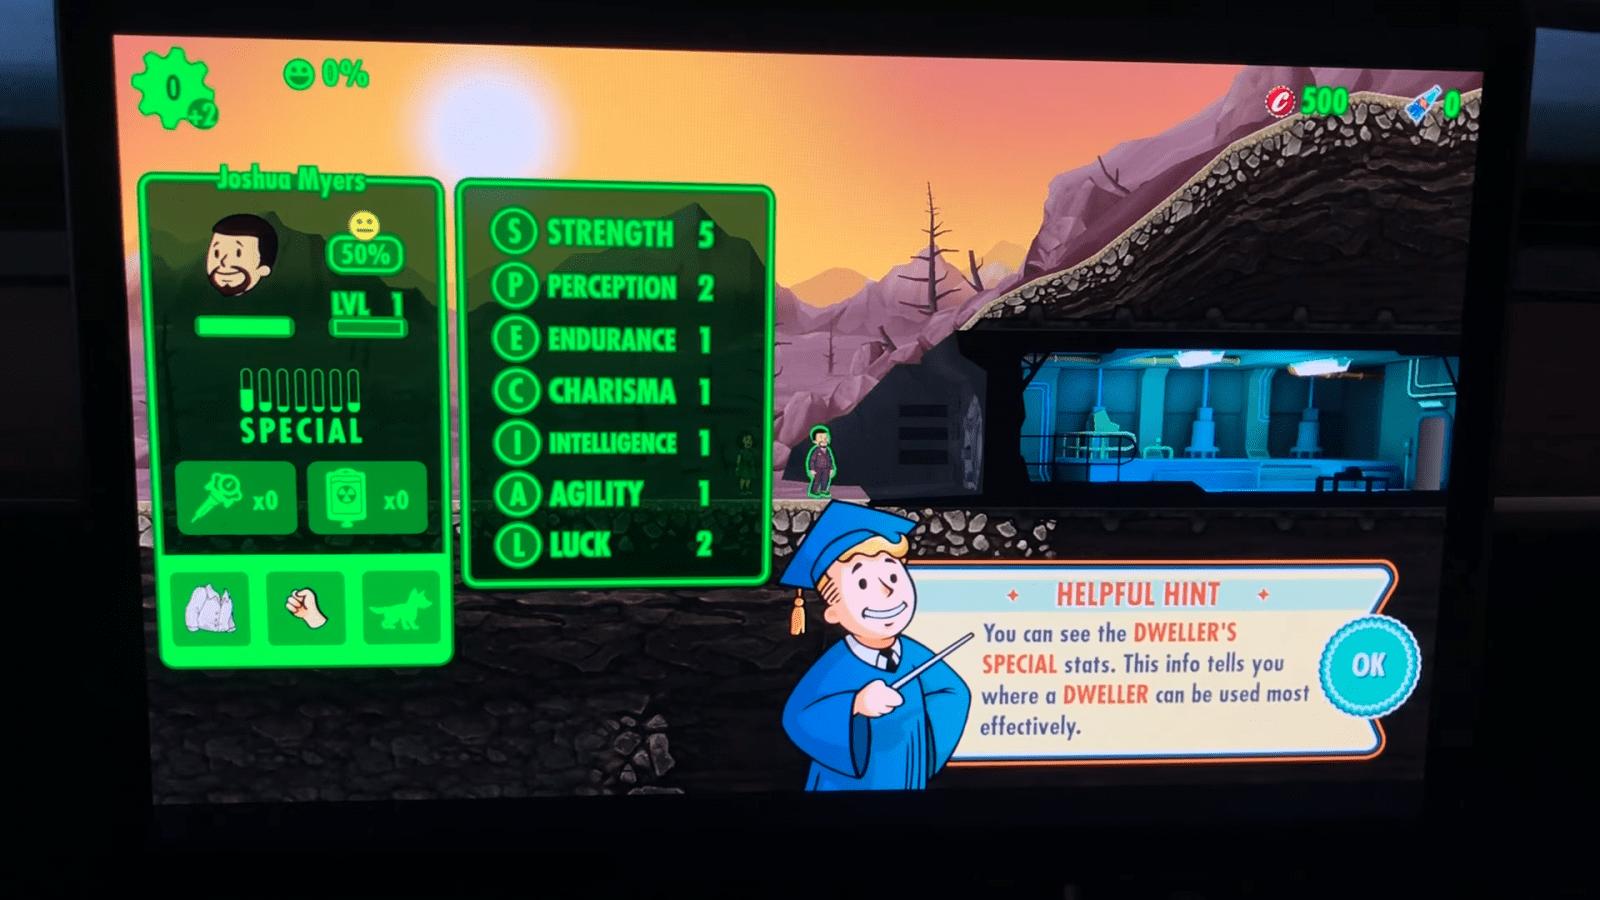 Игра Fallout Shelter появилась в автомобилях Tesla